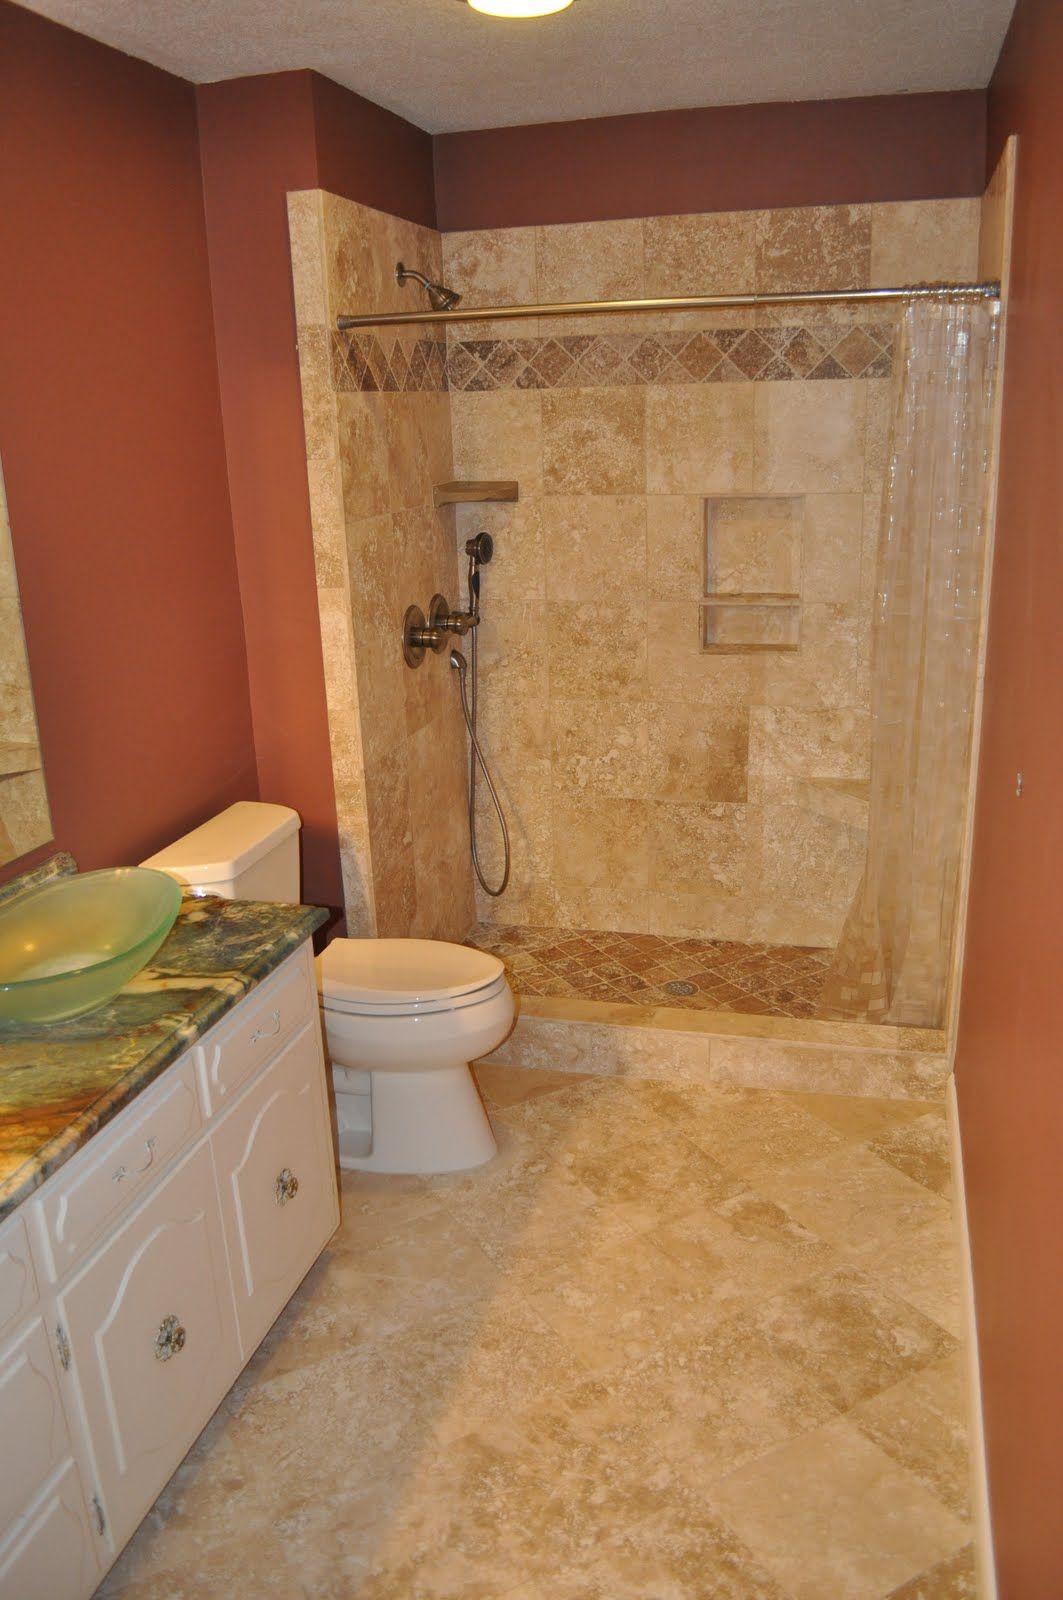 Bathroom remodel ideas google search bathroom remodel for Find bathroom contractor